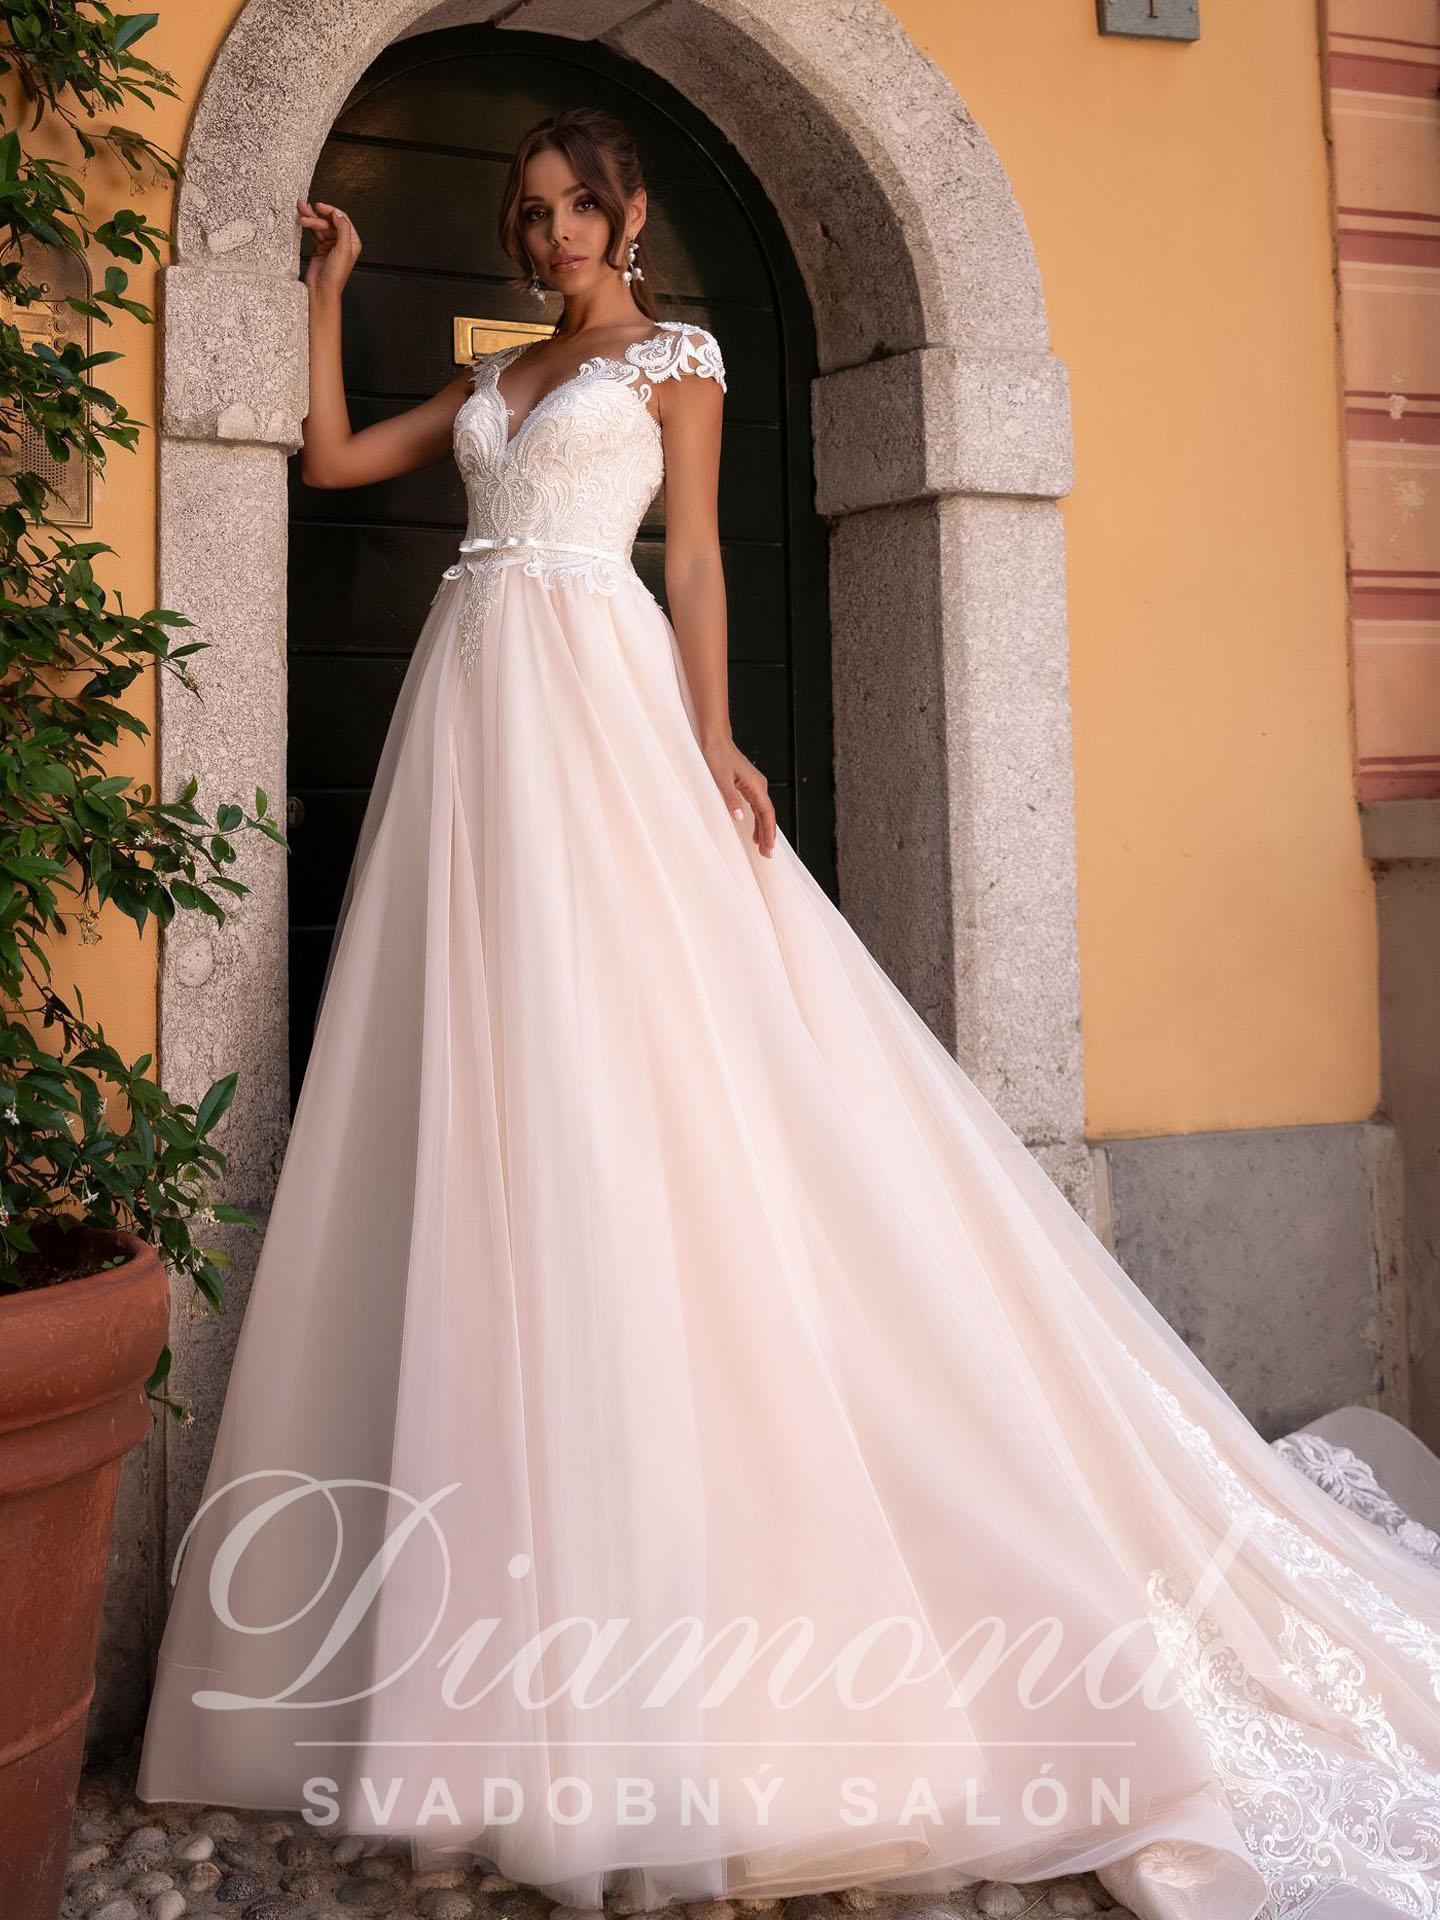 Nové svadobné šaty ♥Penrose♥ v Nitre - Obrázok č. 1